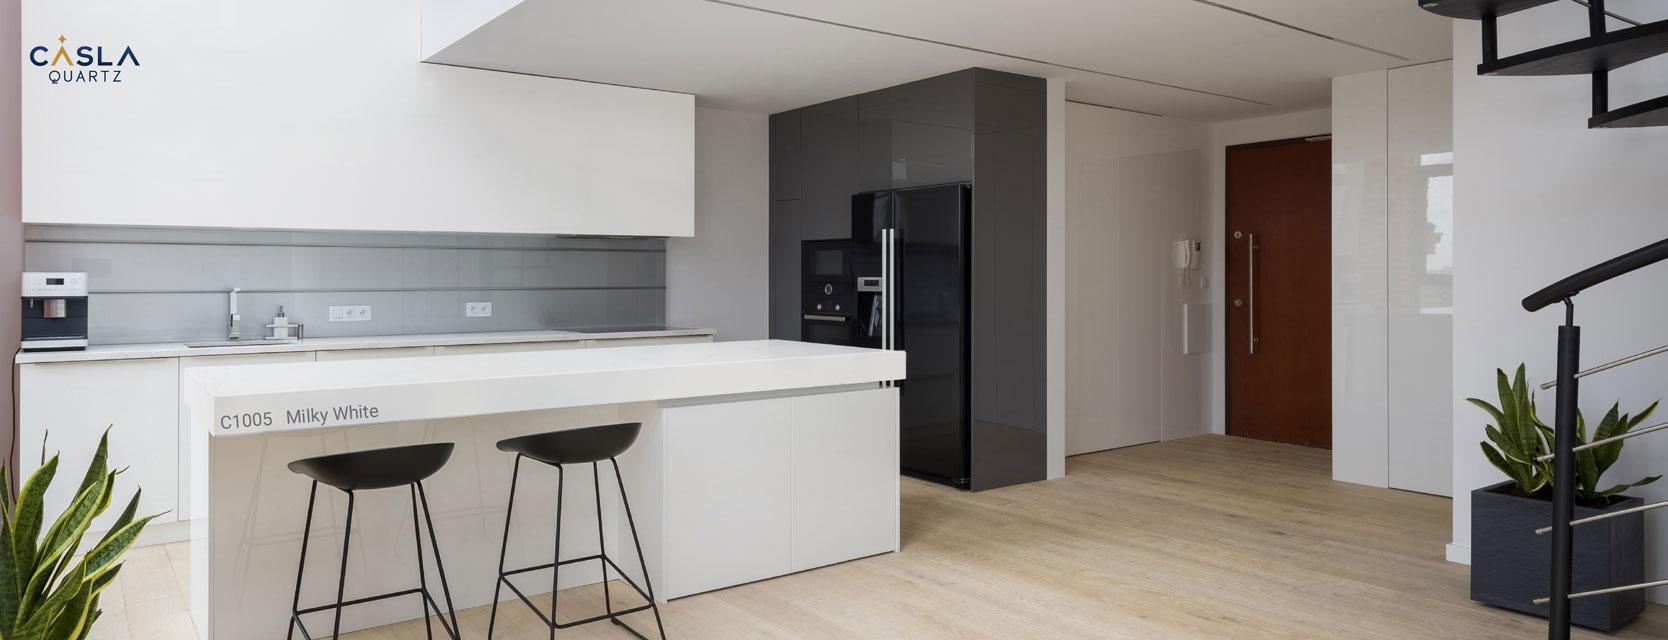 Ứng dụng đá nhân tạo giúp tạo điểm nhấn phong cách nội thất tối giản Minimalism